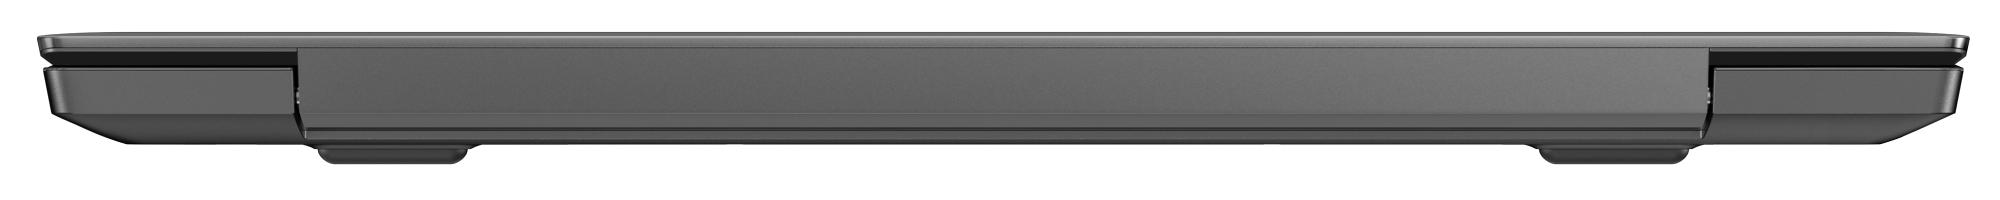 Фото  Ноутбук Lenovo V330-15IKB Iron Grey (81AX012URA)